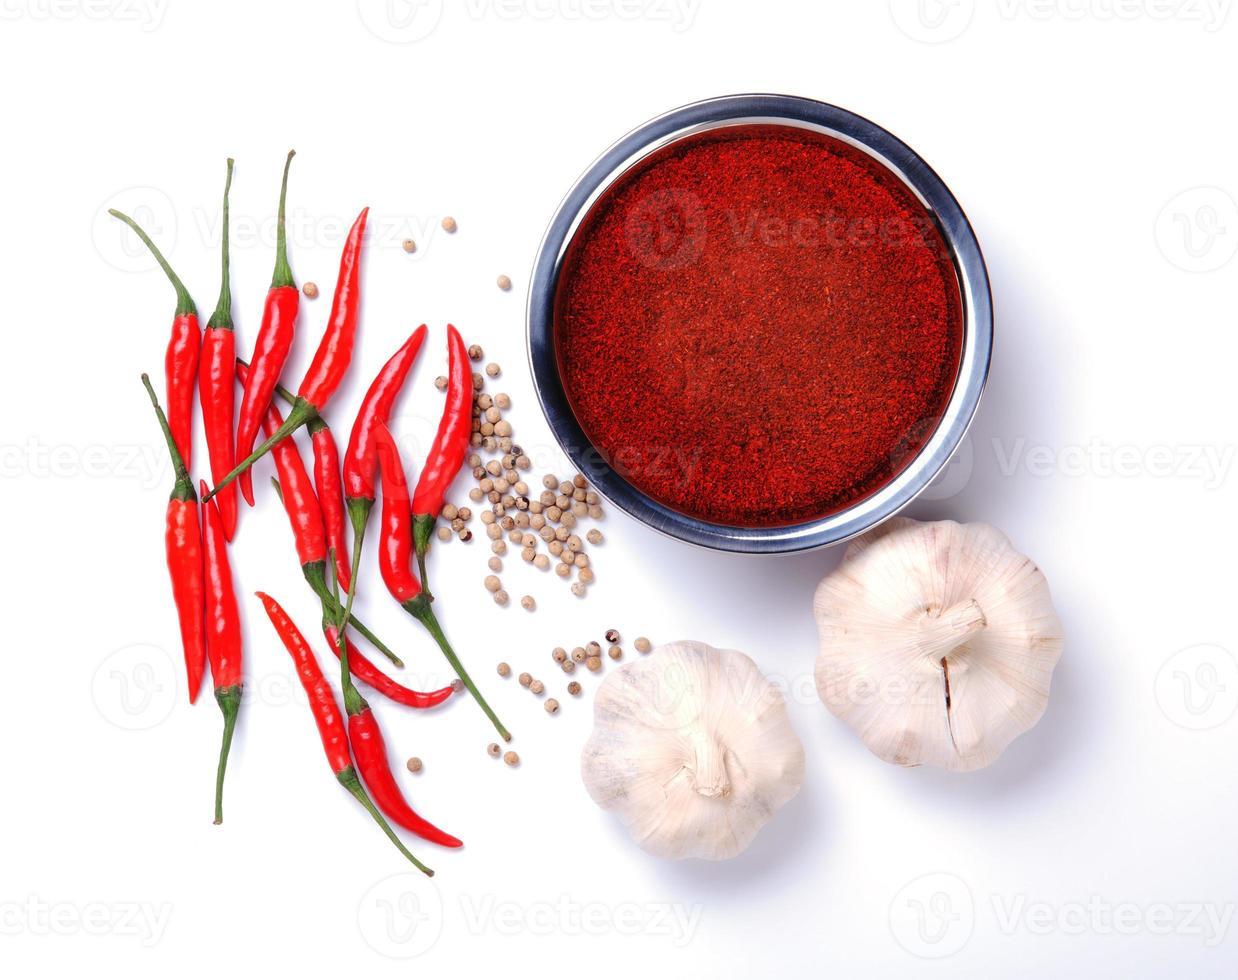 Currypulver mit Chili, Knoblauch, Pfeffer Zutaten foto